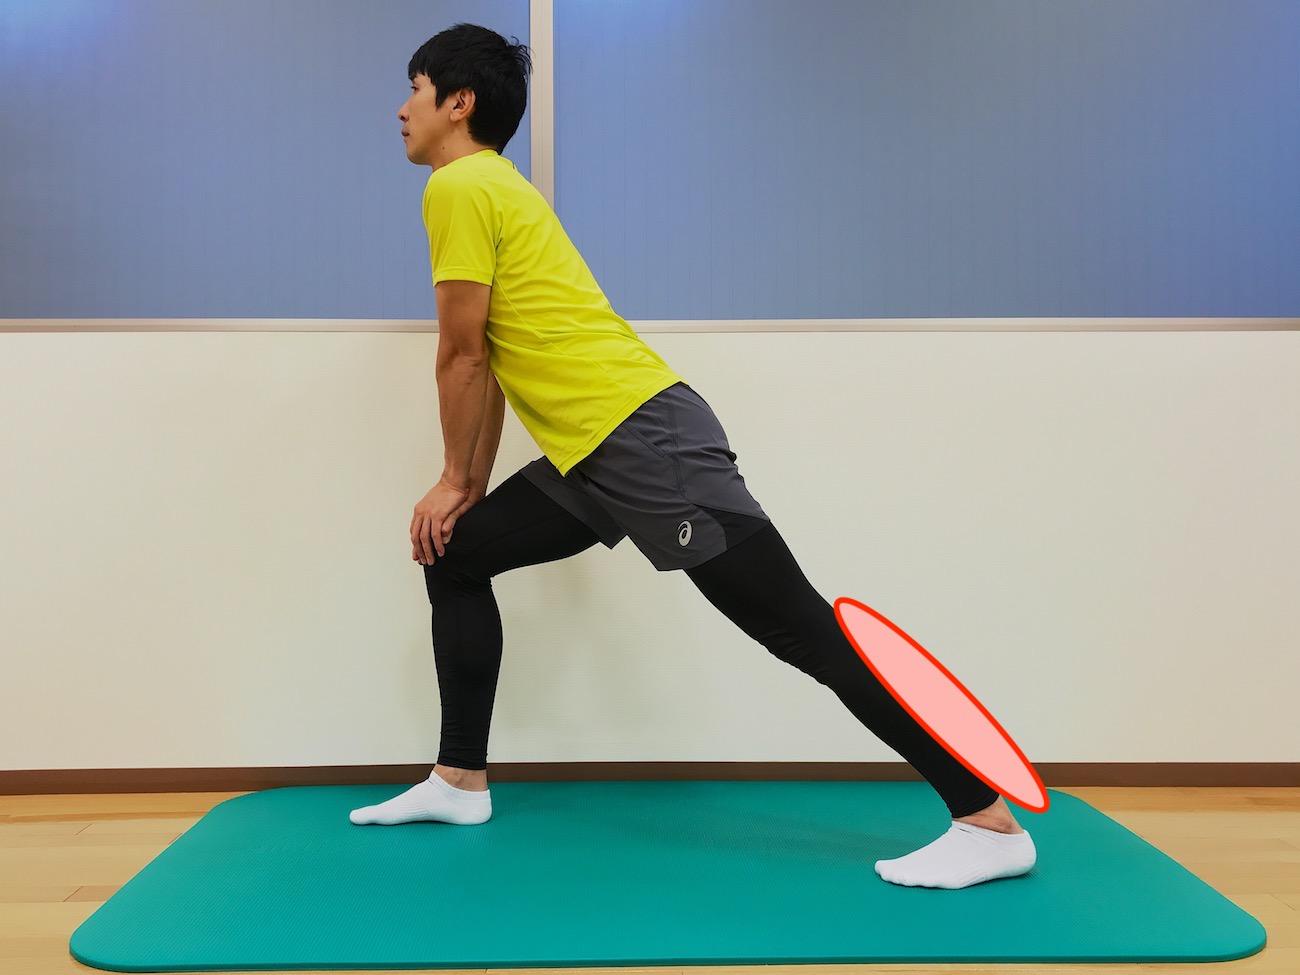 ふくらはぎの筋肉(下腿三頭筋)のストレッチ